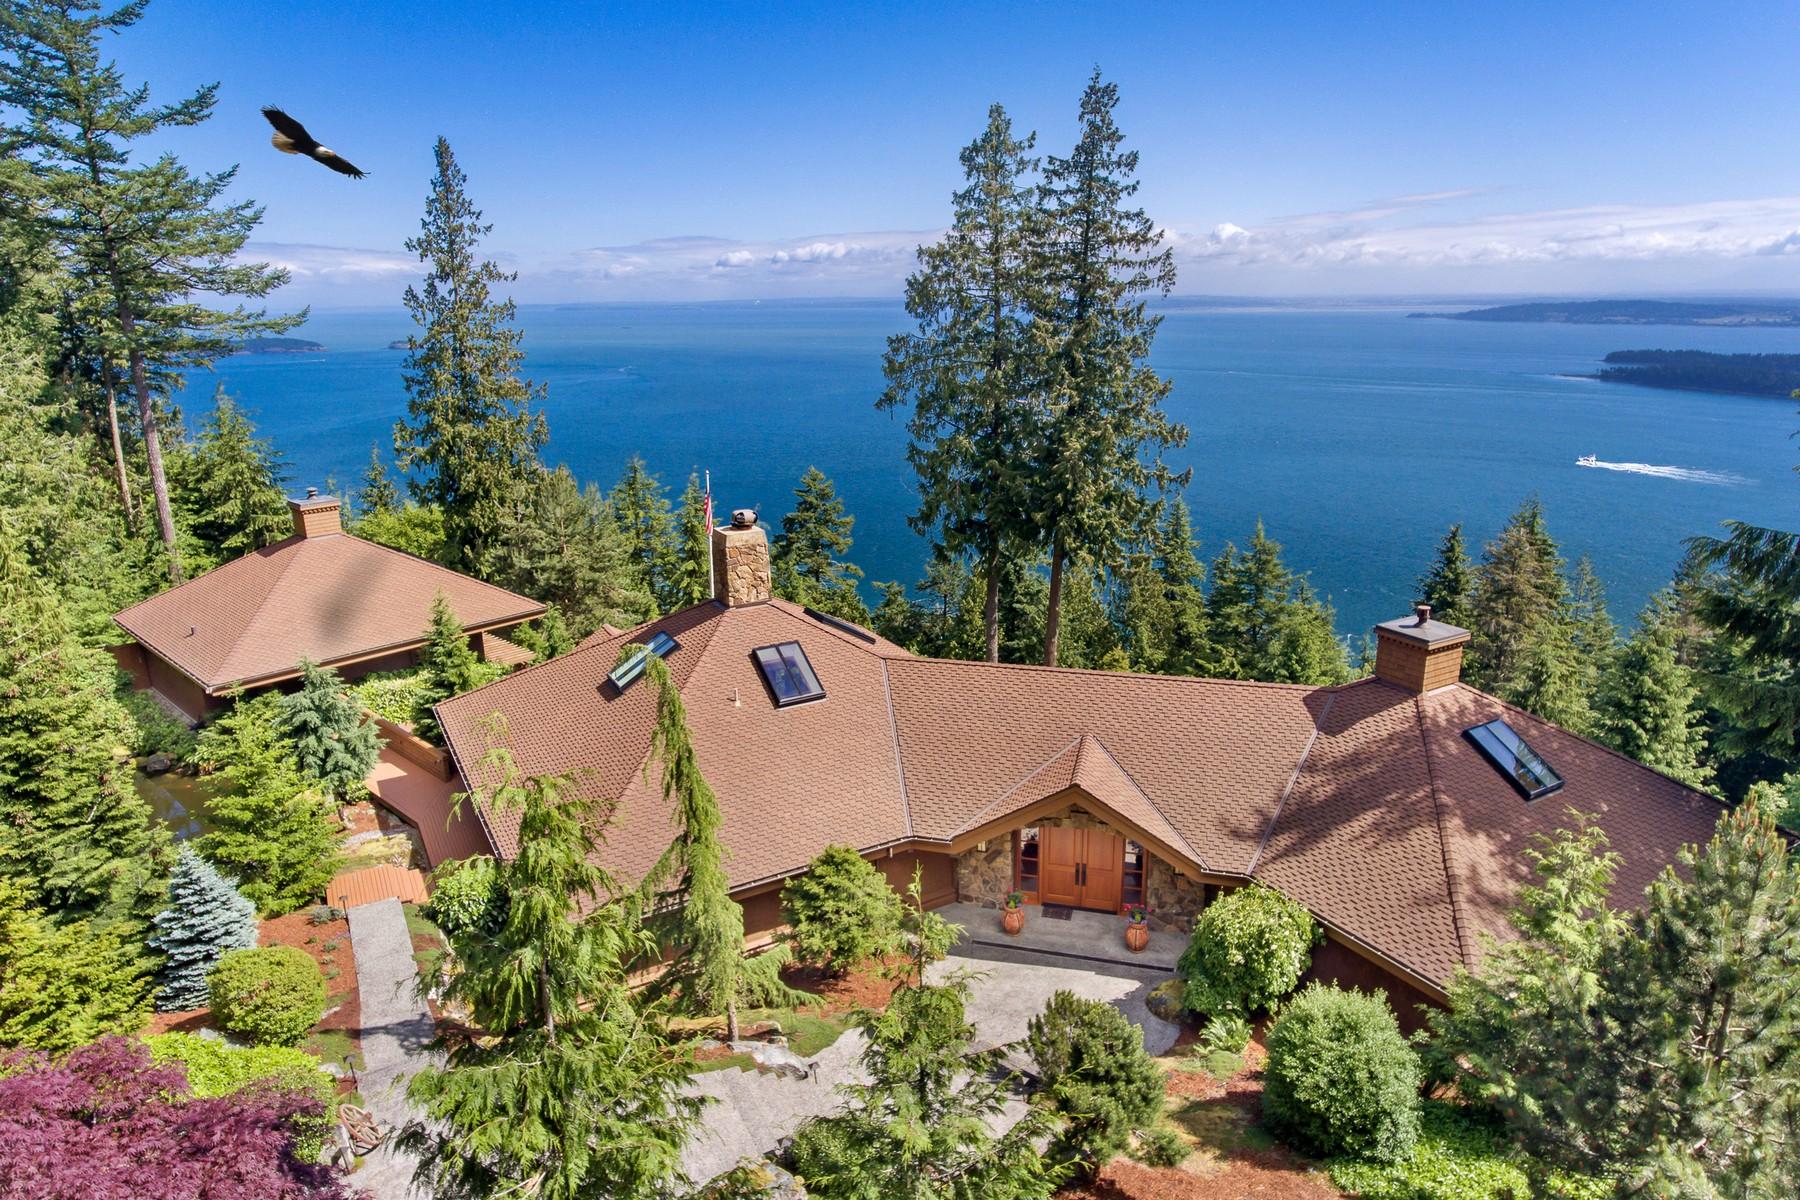 独户住宅 为 销售 在 Birdseye View Estate Orcas Island 173 Falls Drive 东松德, 华盛顿州, 98245 美国